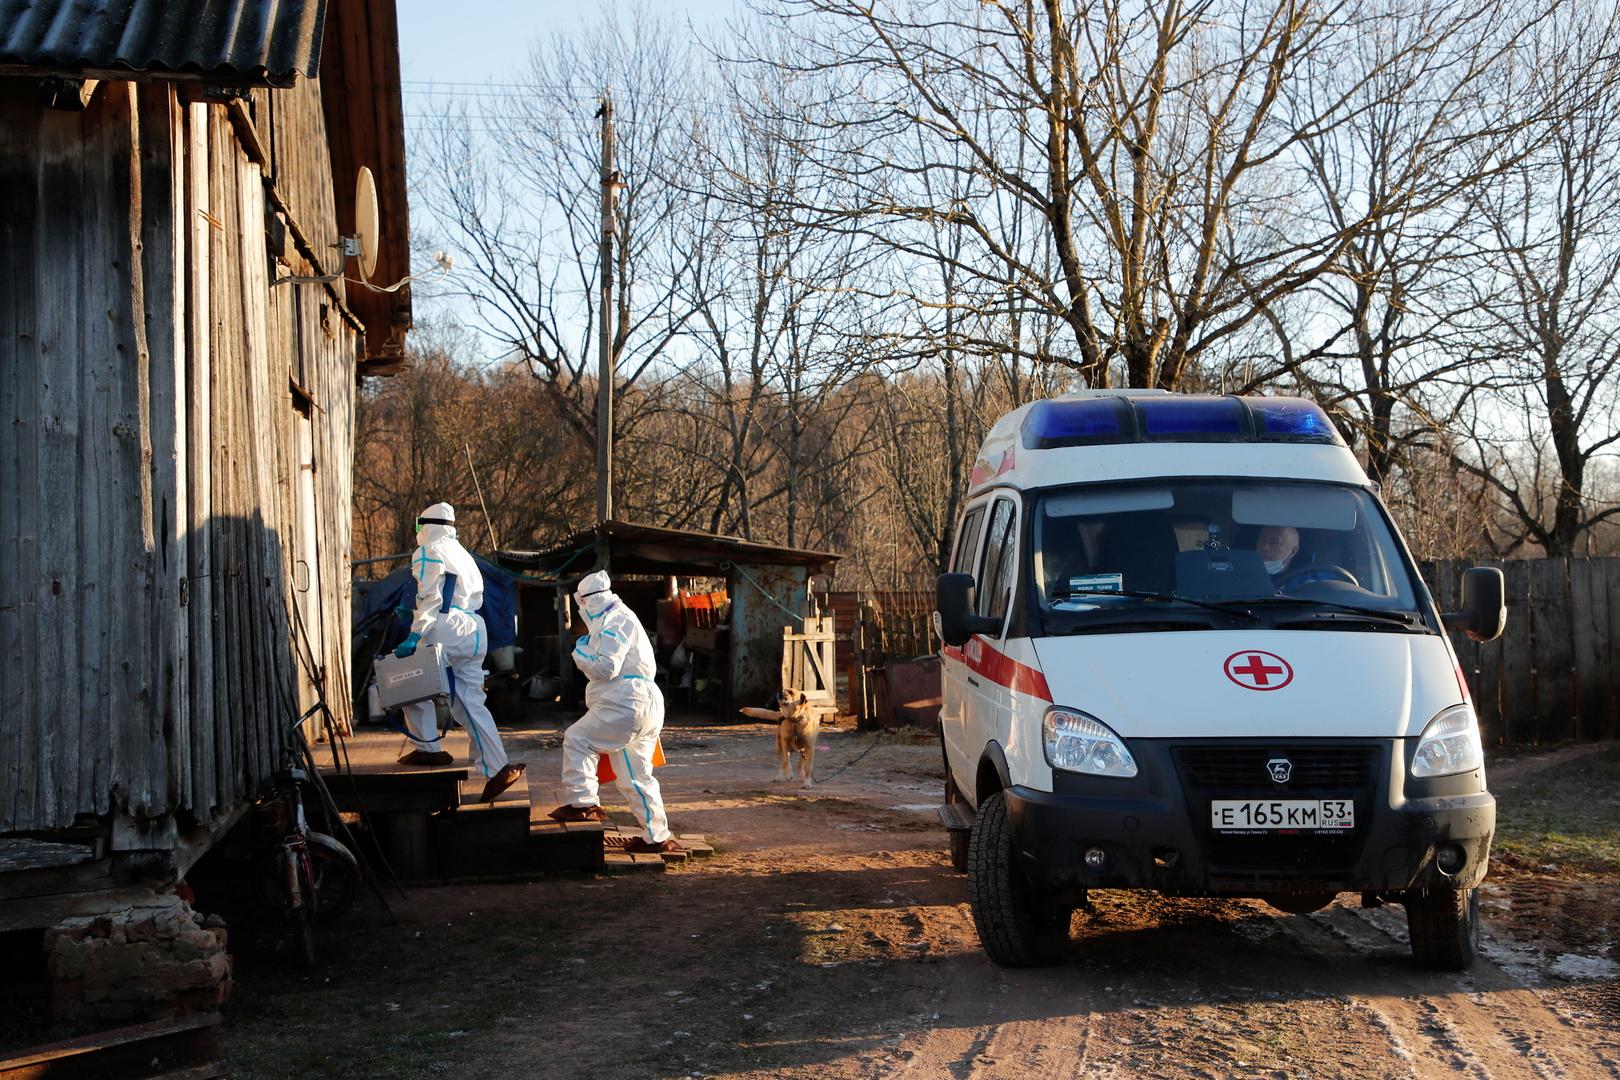 الإصابات الجديدة بكورونا في روسيا فوق الـ8 آلاف لليوم الثالث